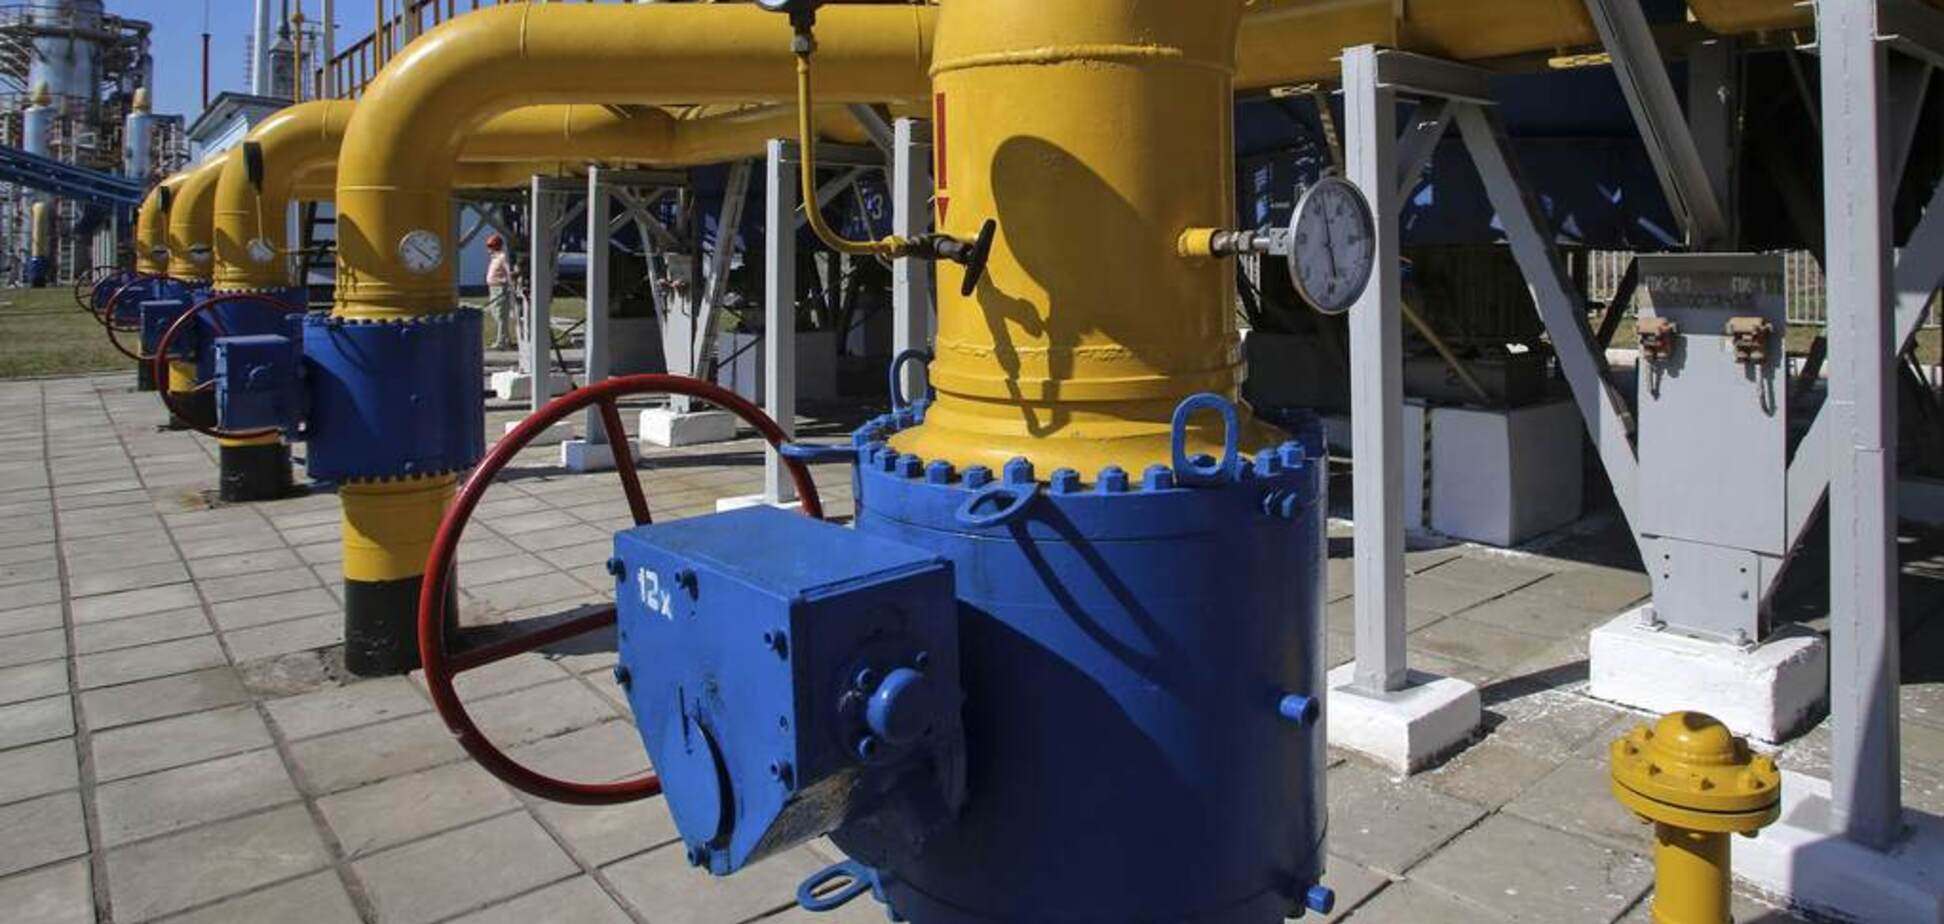 Білорусь відмовилася від транзиту газу через Україну: стало відомо про зв'язок з 'Газпромом'